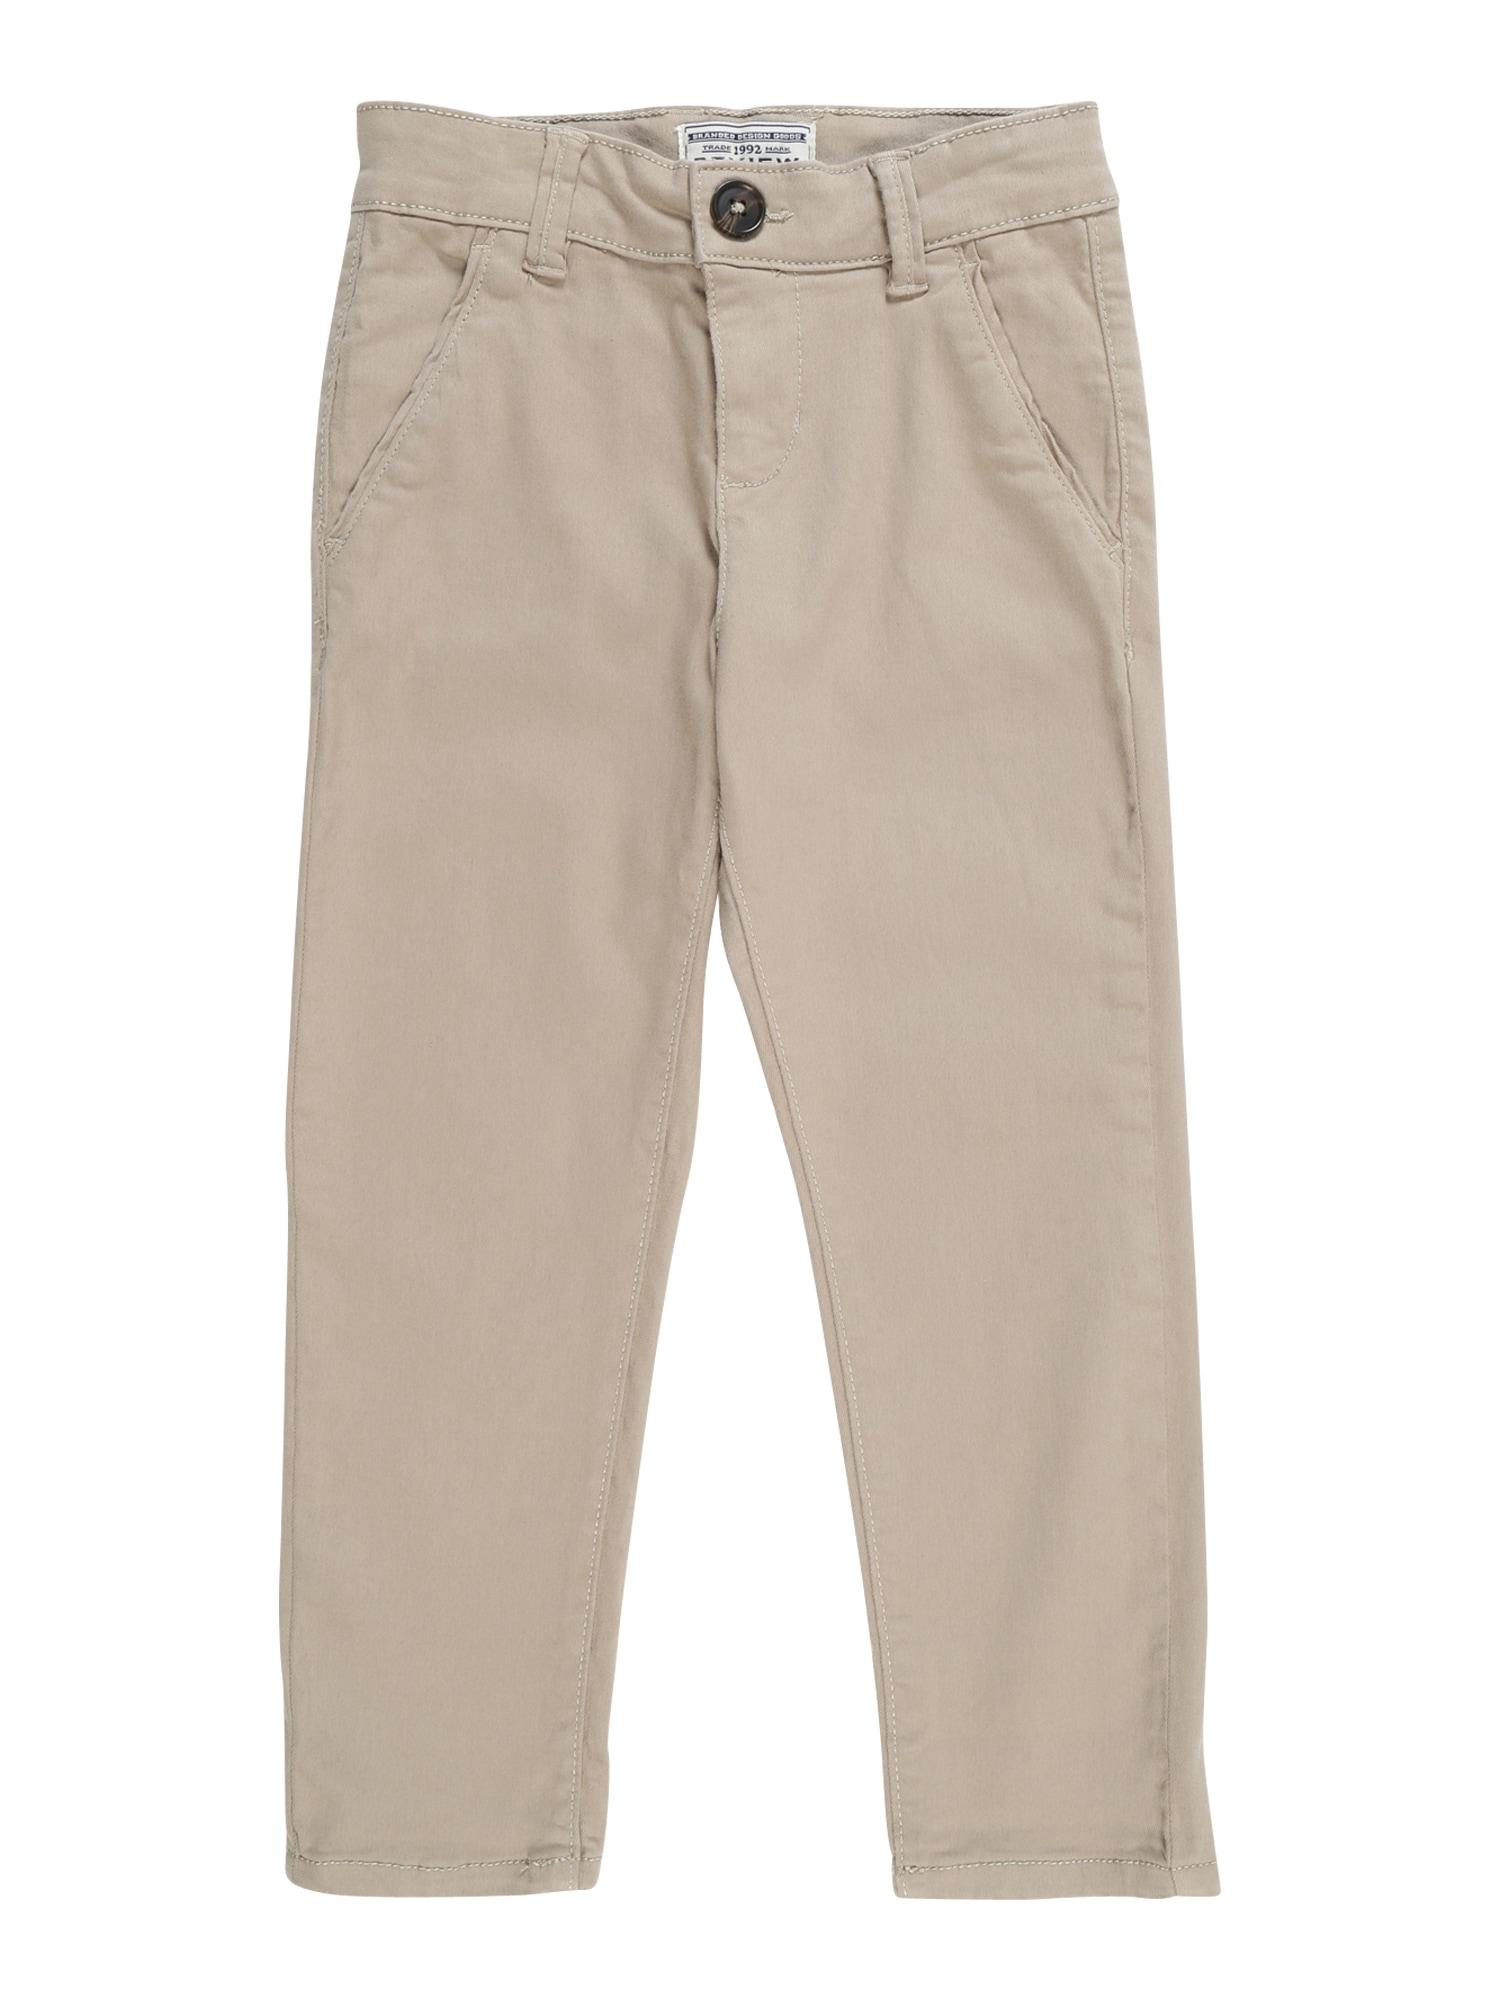 Kalhoty KB-19-P102 béžová REVIEW FOR KIDS